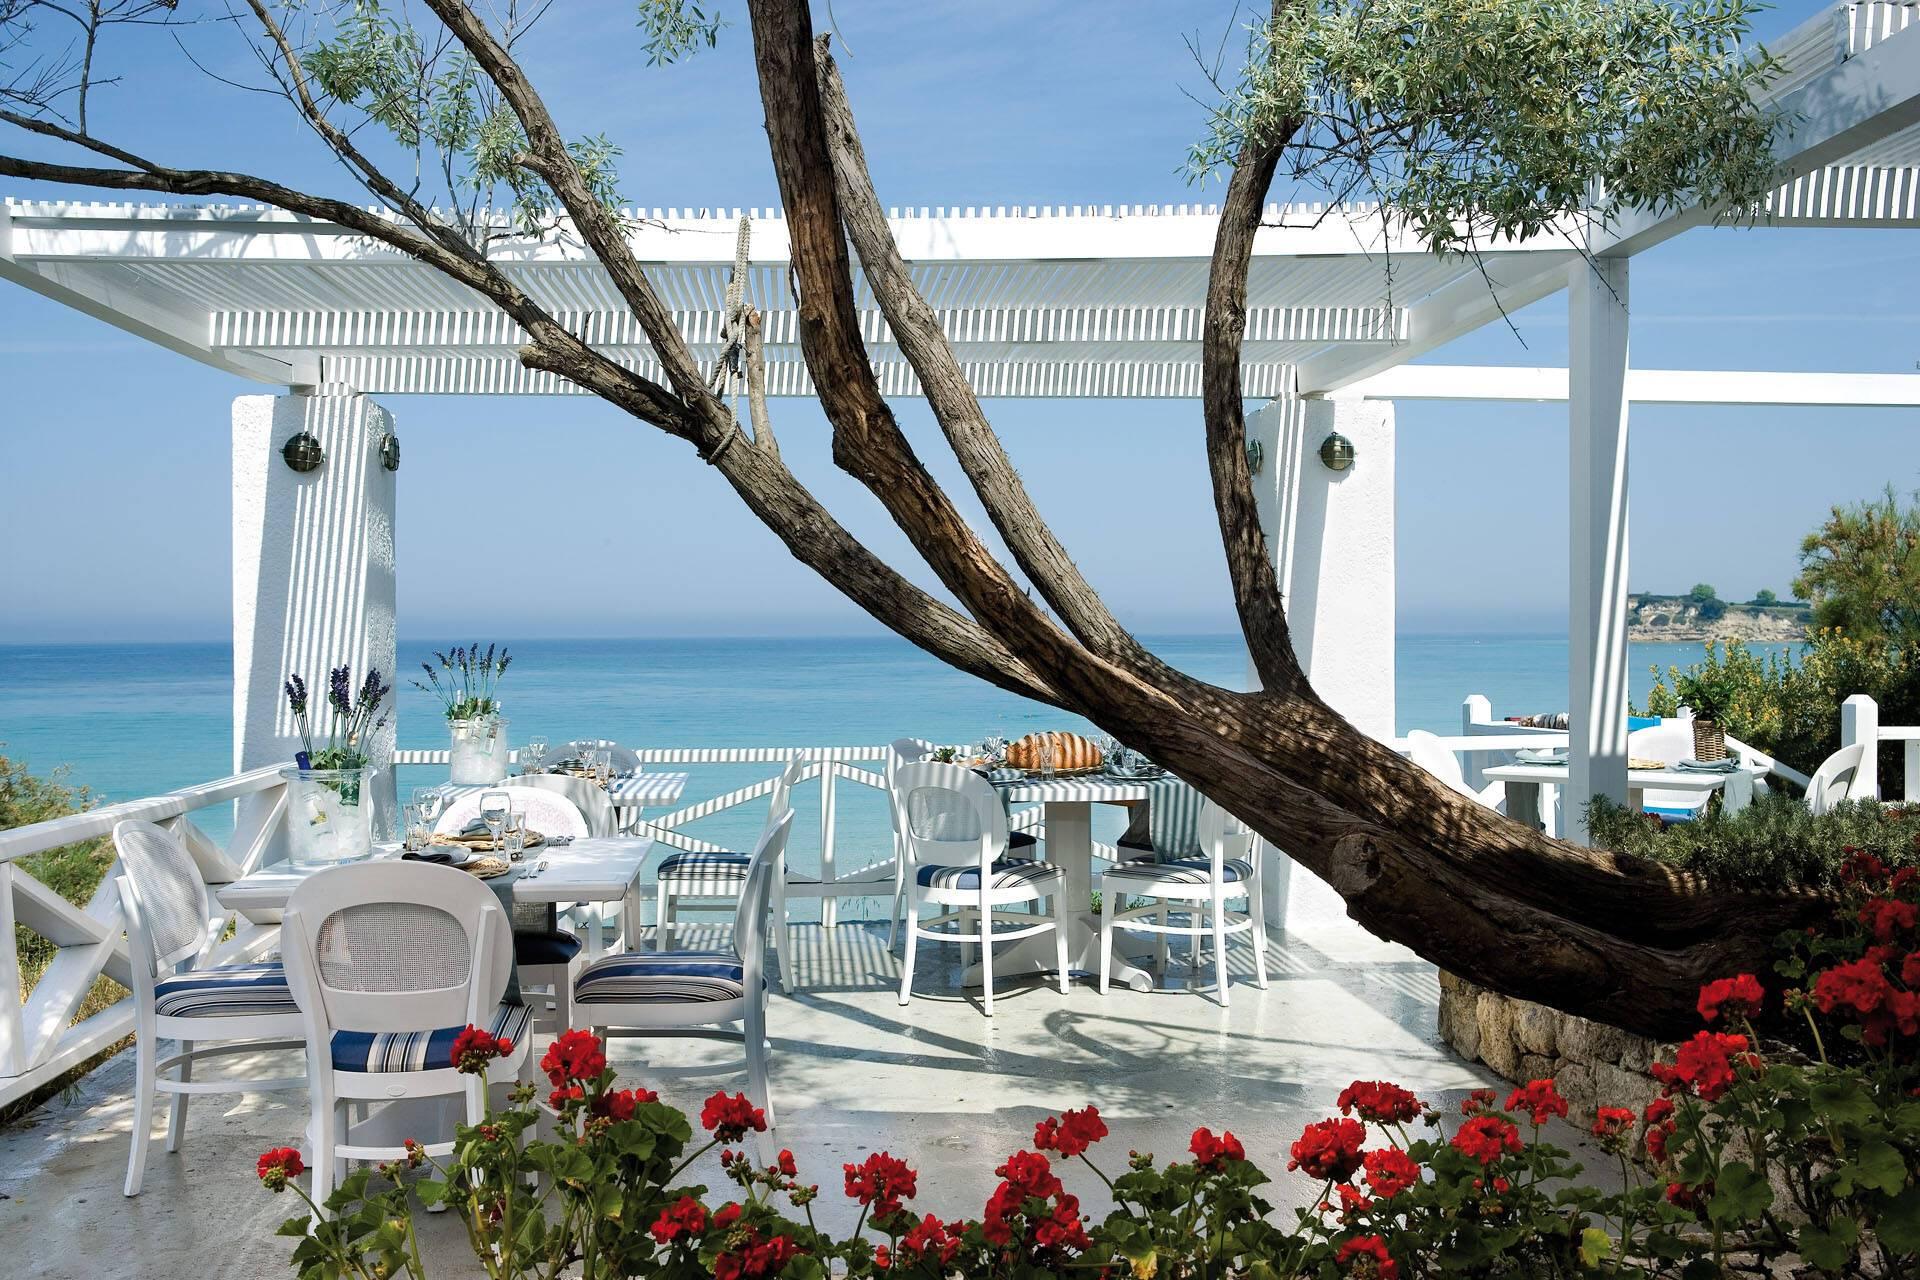 Sani Club Kassandra Grece Restaurant Ouzerie